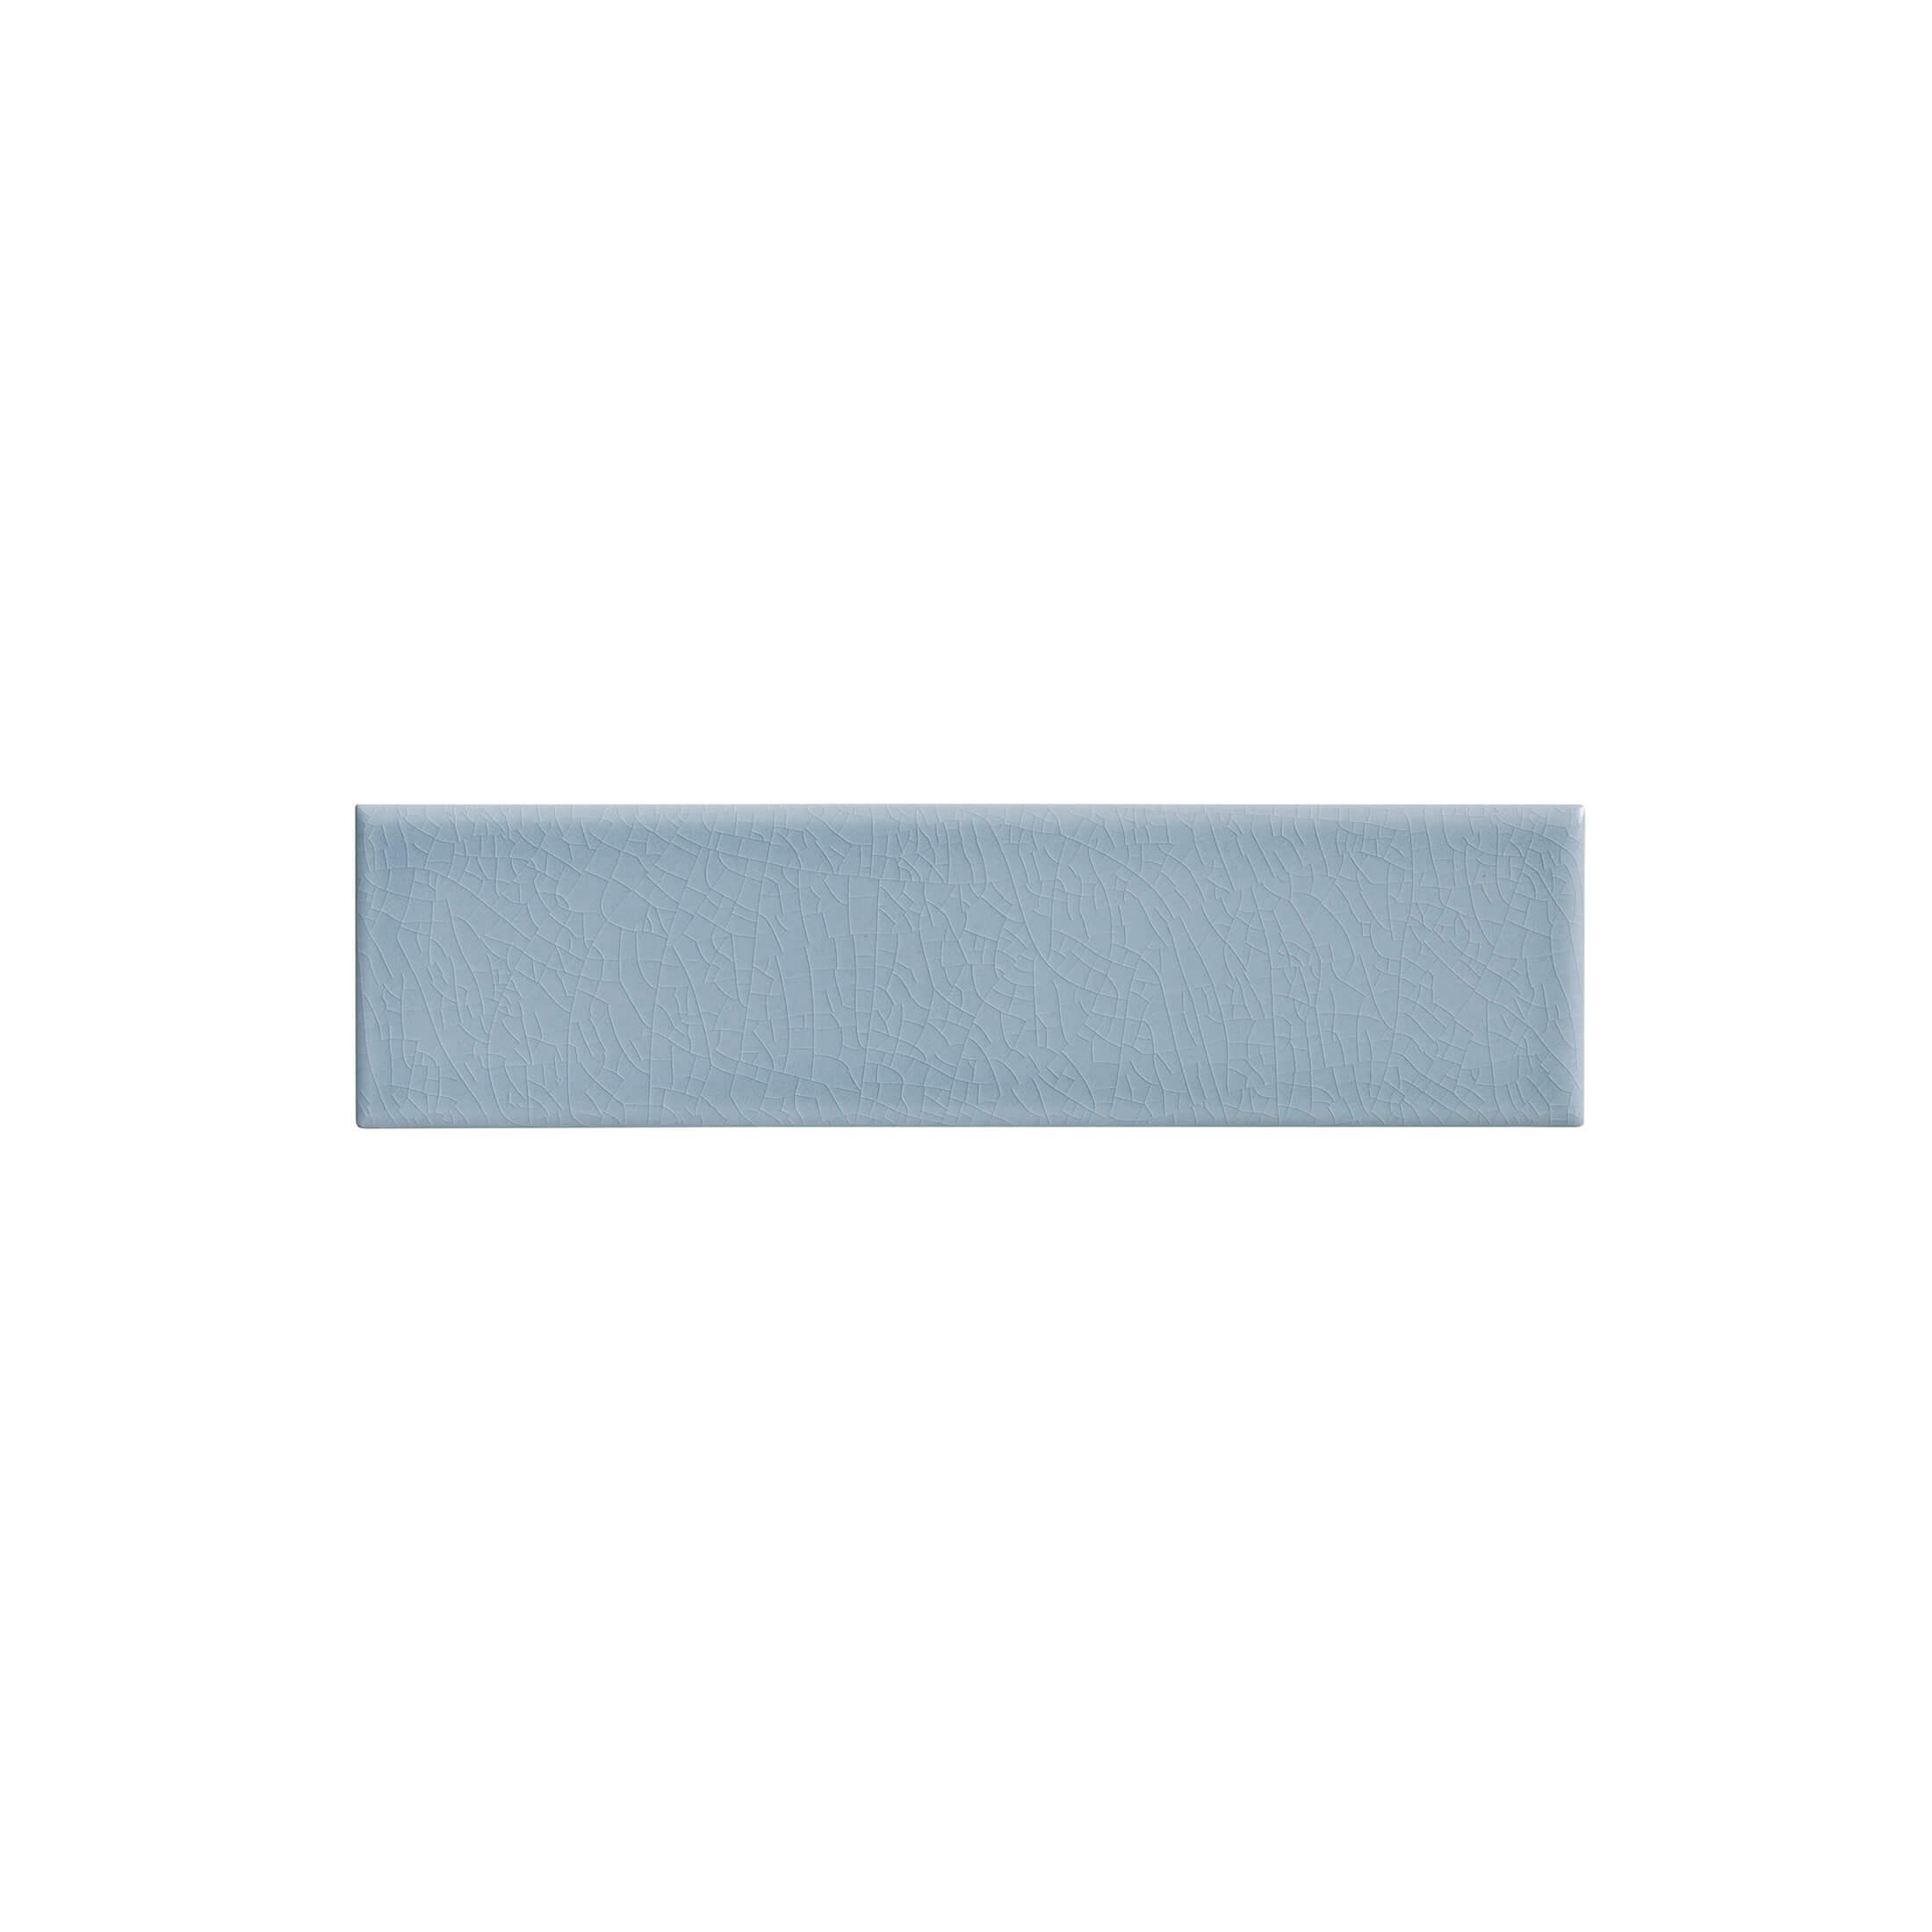 ADMO1077 - LISO PB C/C - 5 cm X 20 cm